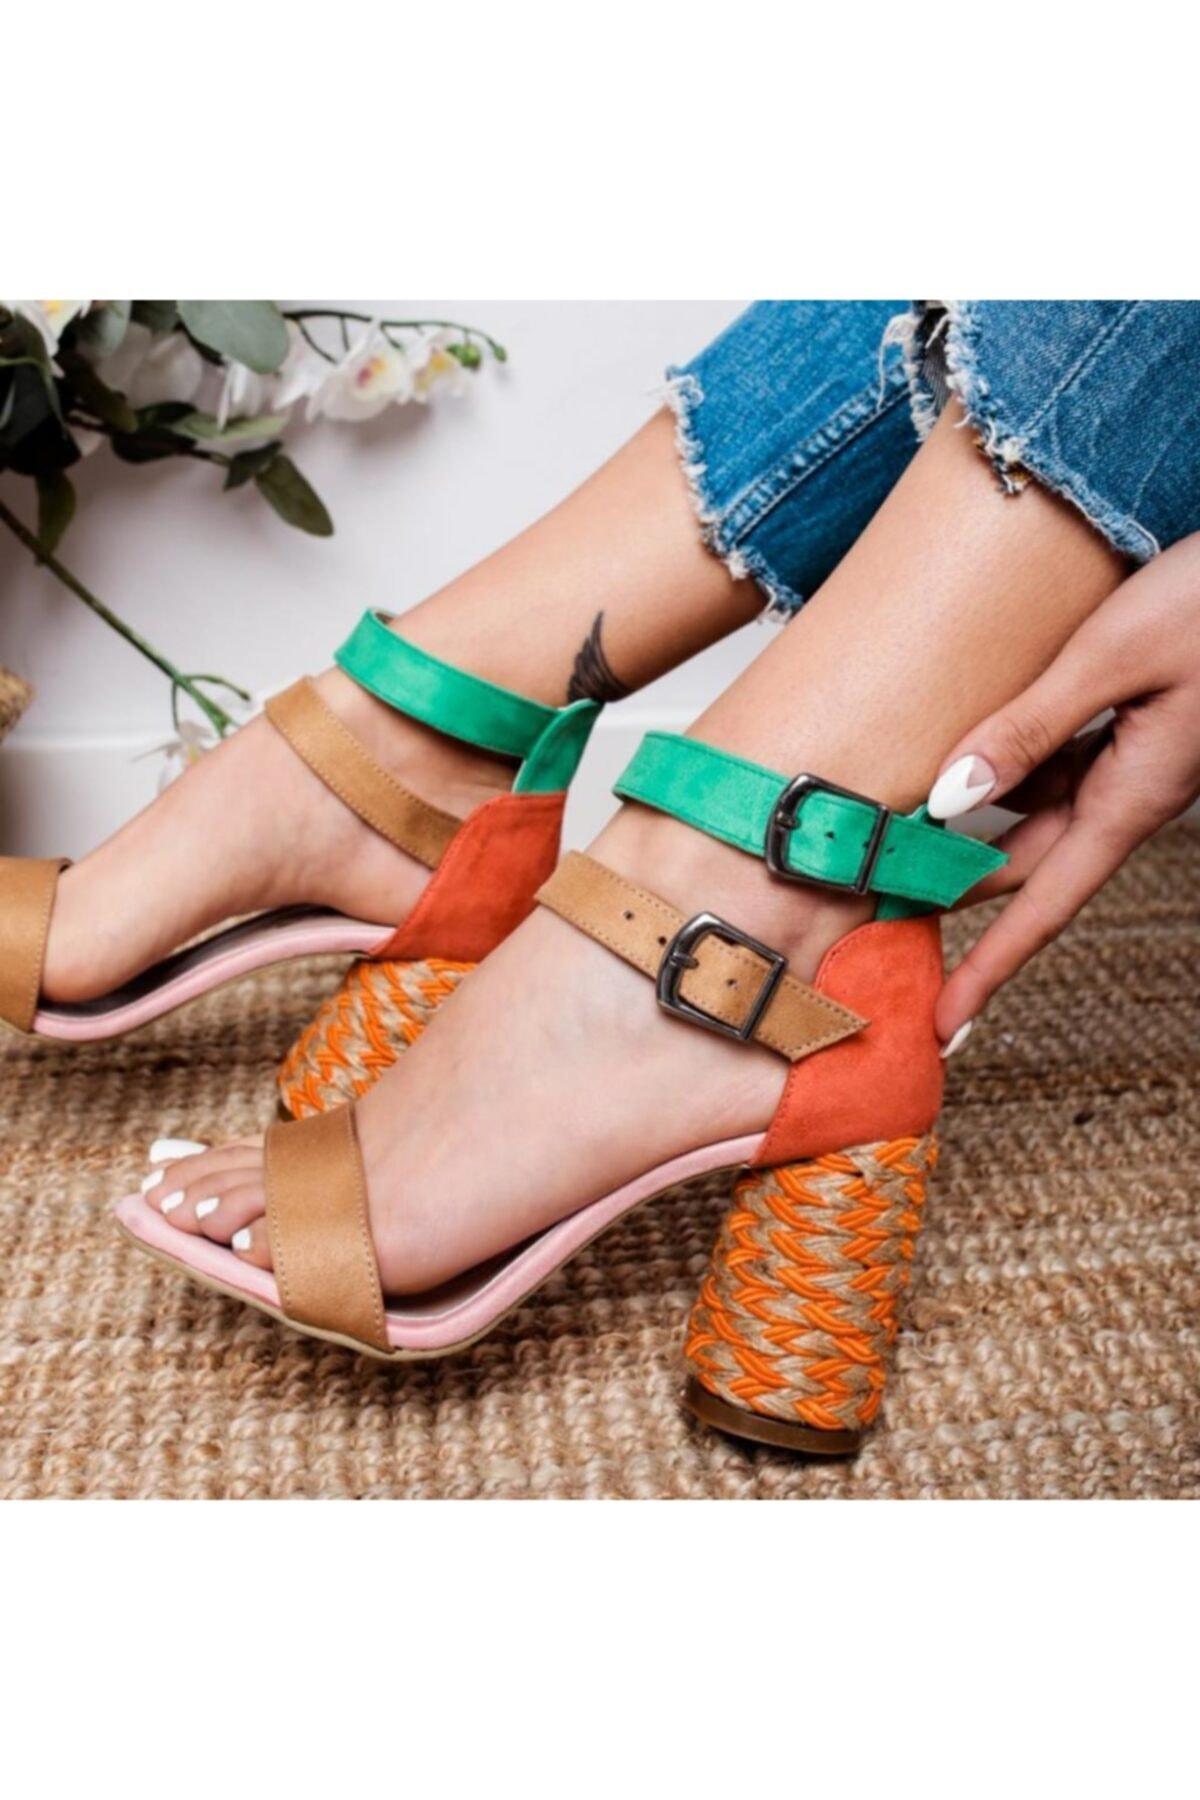 Limoya Galilea Kum Oranj Yeşil Çift Bantlı Gerçek Hasır Topuklu Sandalet 1